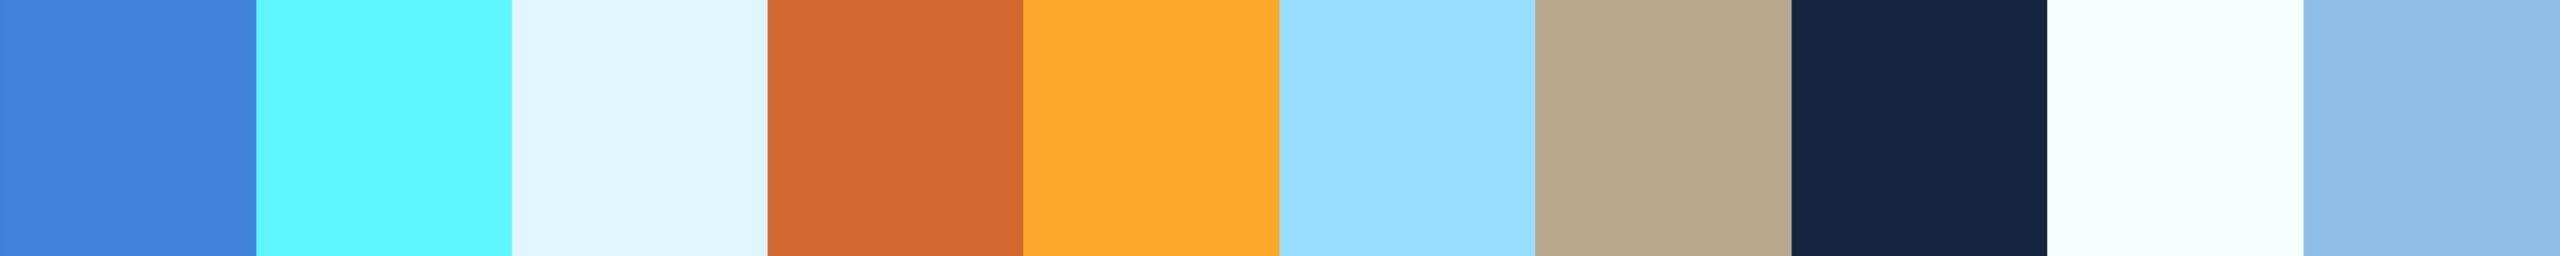 367. Olovilia Color Palette